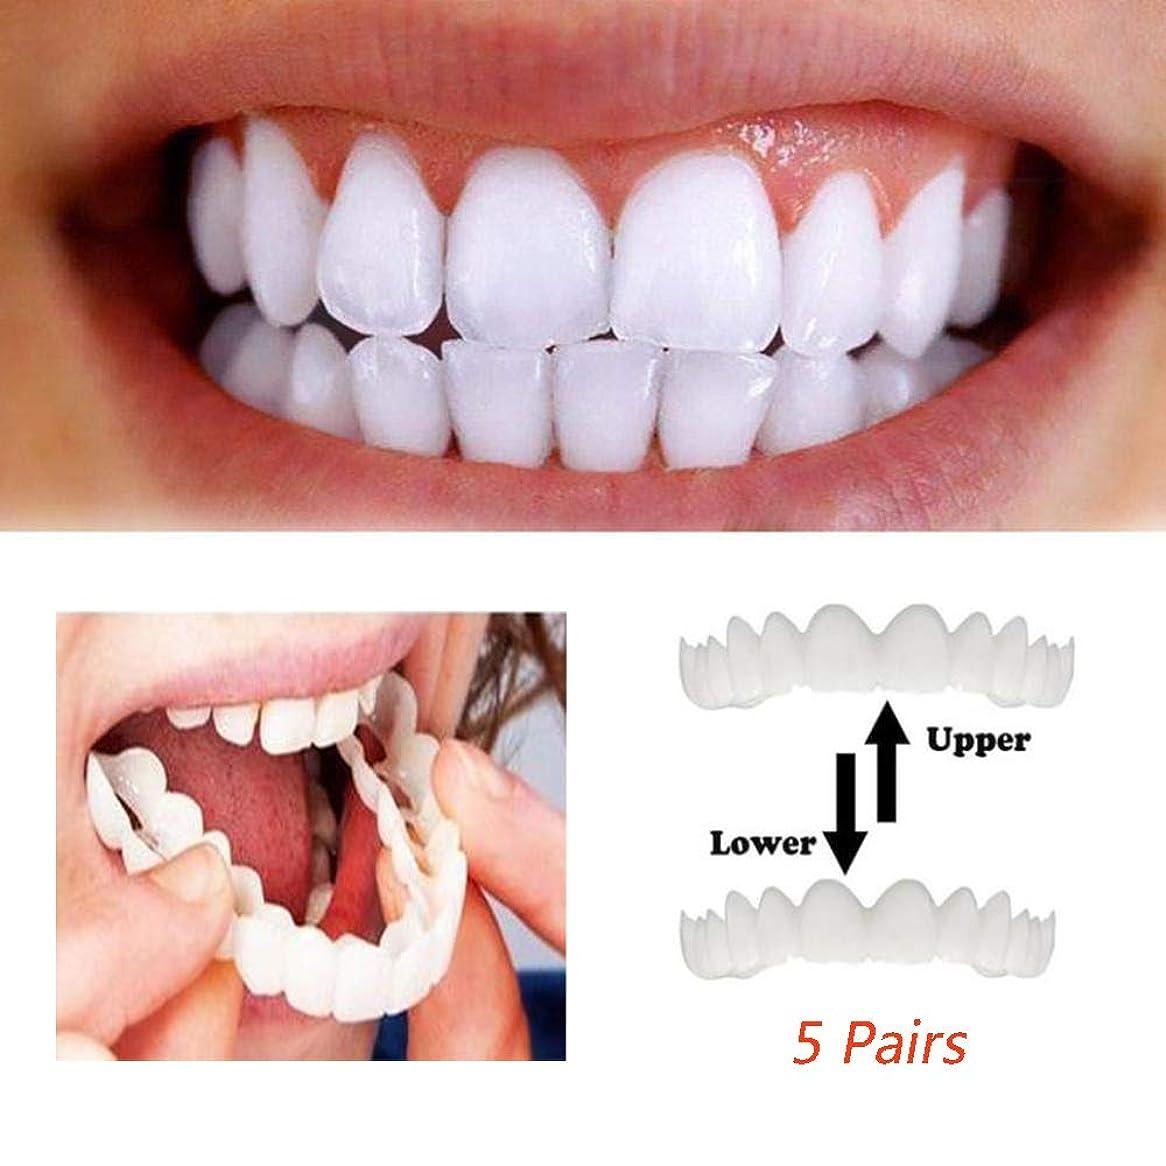 欠如グラム手錠5ペア完璧な笑顔歯の快適さフィットフレックスフィットスナップ最も快適な偽造歯上部と底偽の歯ワンサイズ(上+下)